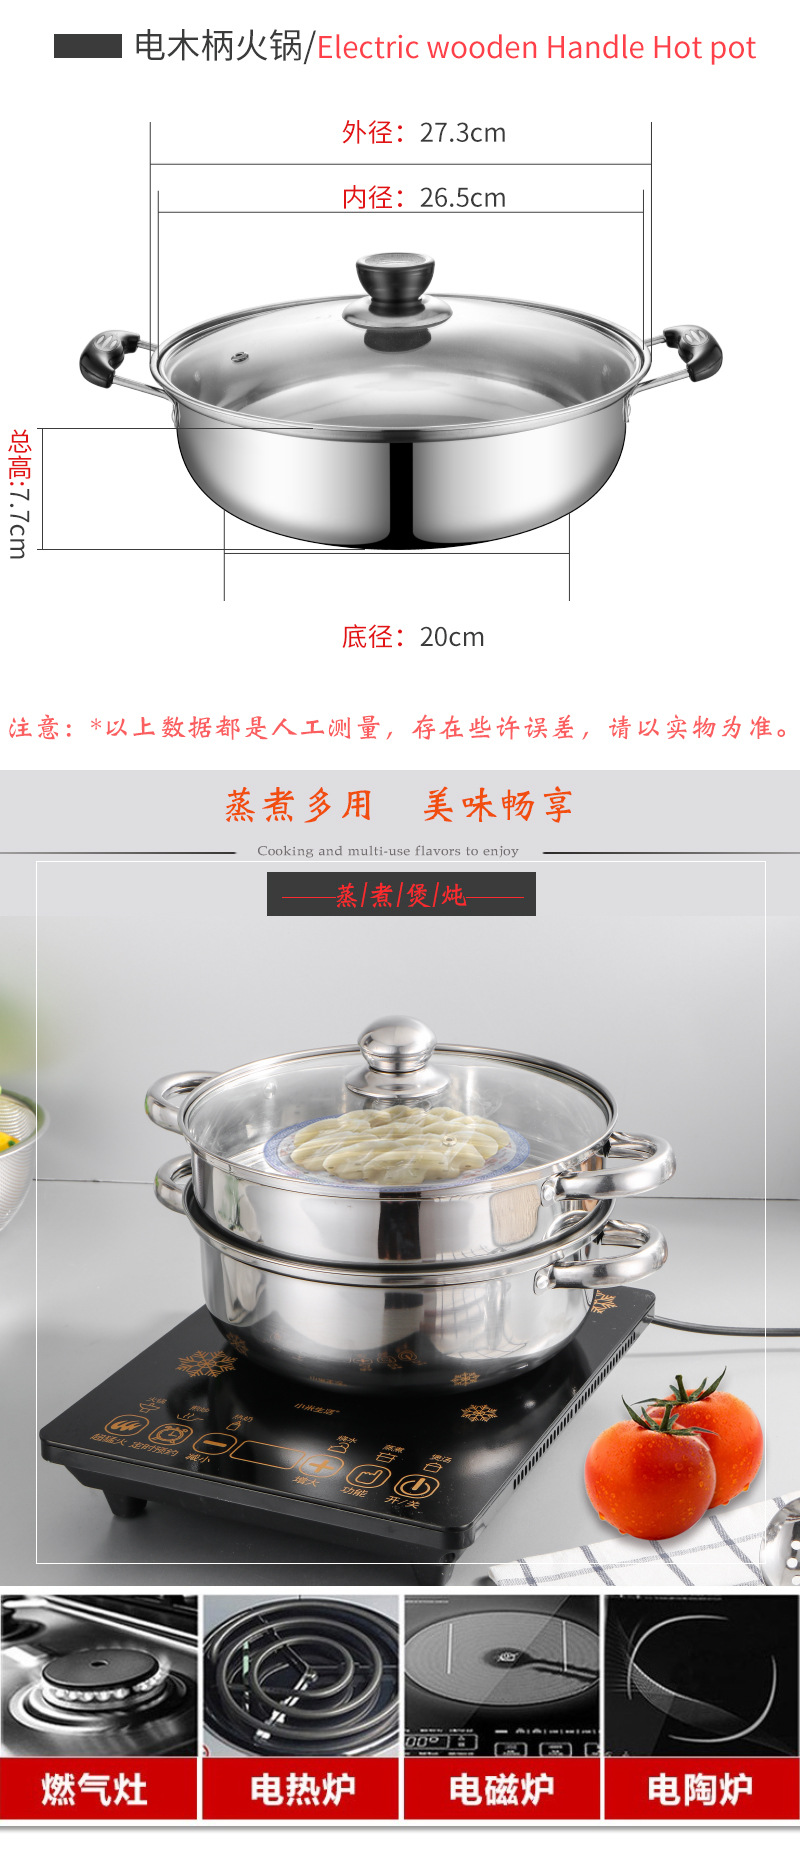 Толстая нержавеющая сталь многофункциональный большой объем суп Пароварка двухслойная Пароварка горячий горшок бытовой поварской конжи посуда Ele